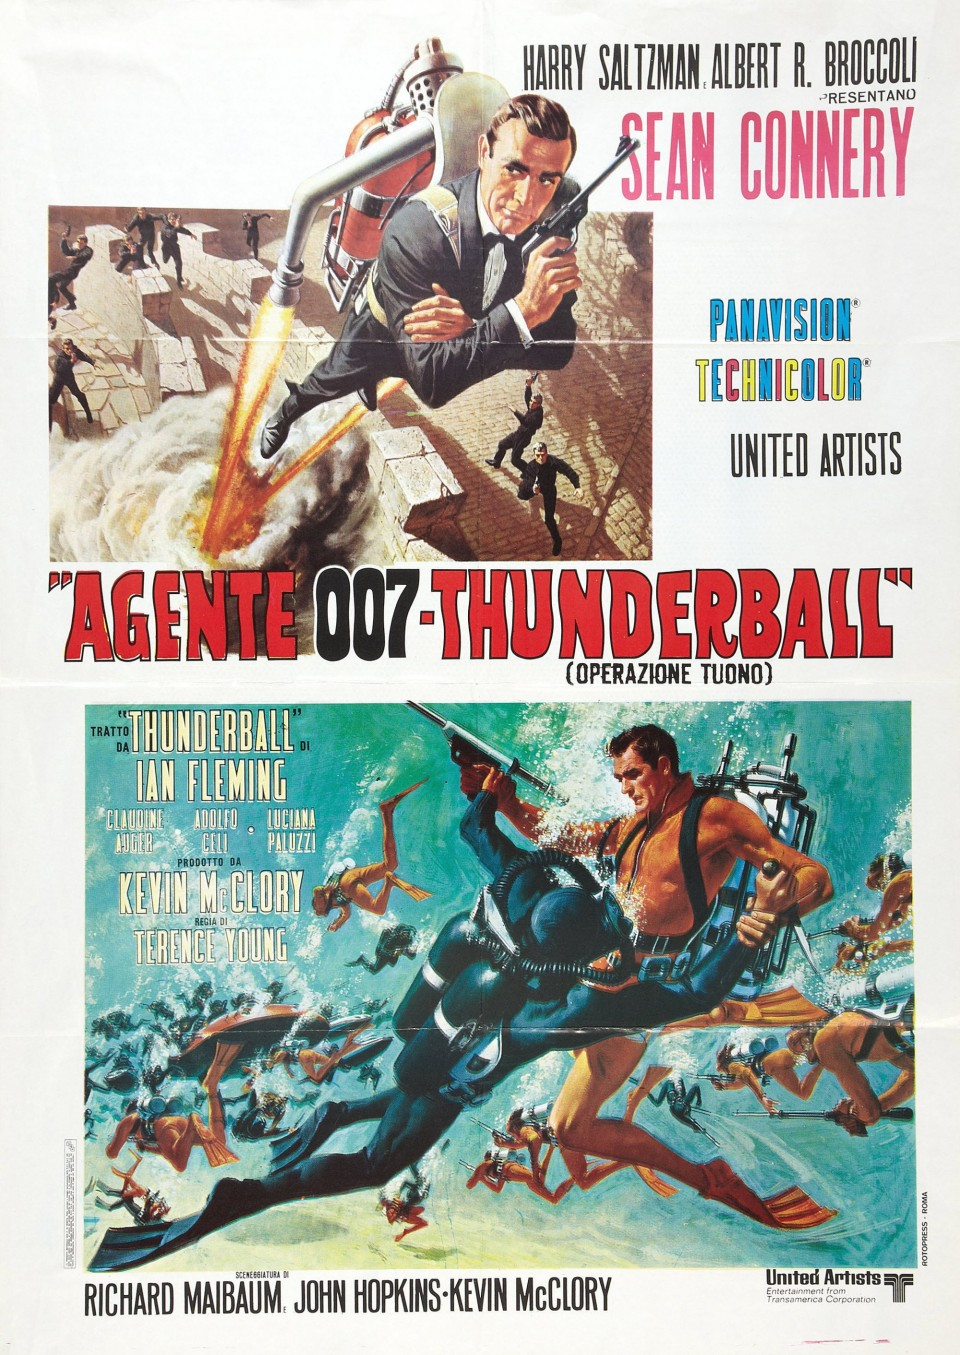 007 - 04 Thunderball: operazione tuono